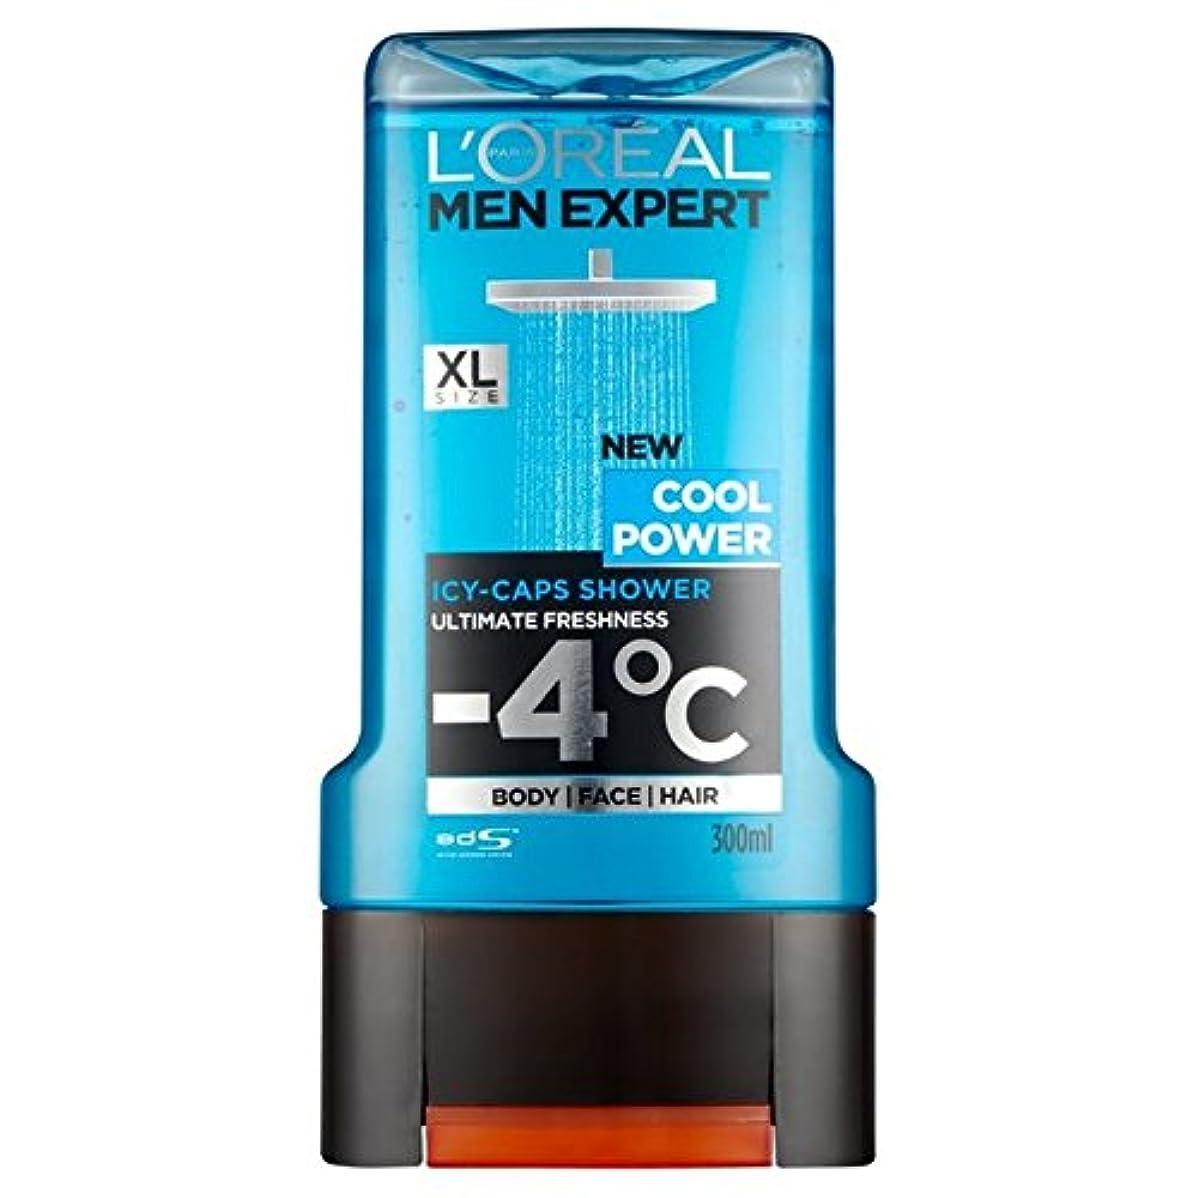 辞任風が強いサーカスロレアルパリの男性の専門家のクールなパワーシャワージェル300ミリリットル x4 - L'Oreal Paris Men Expert Cool Power Shower Gel 300ml (Pack of 4) [並行輸入品]